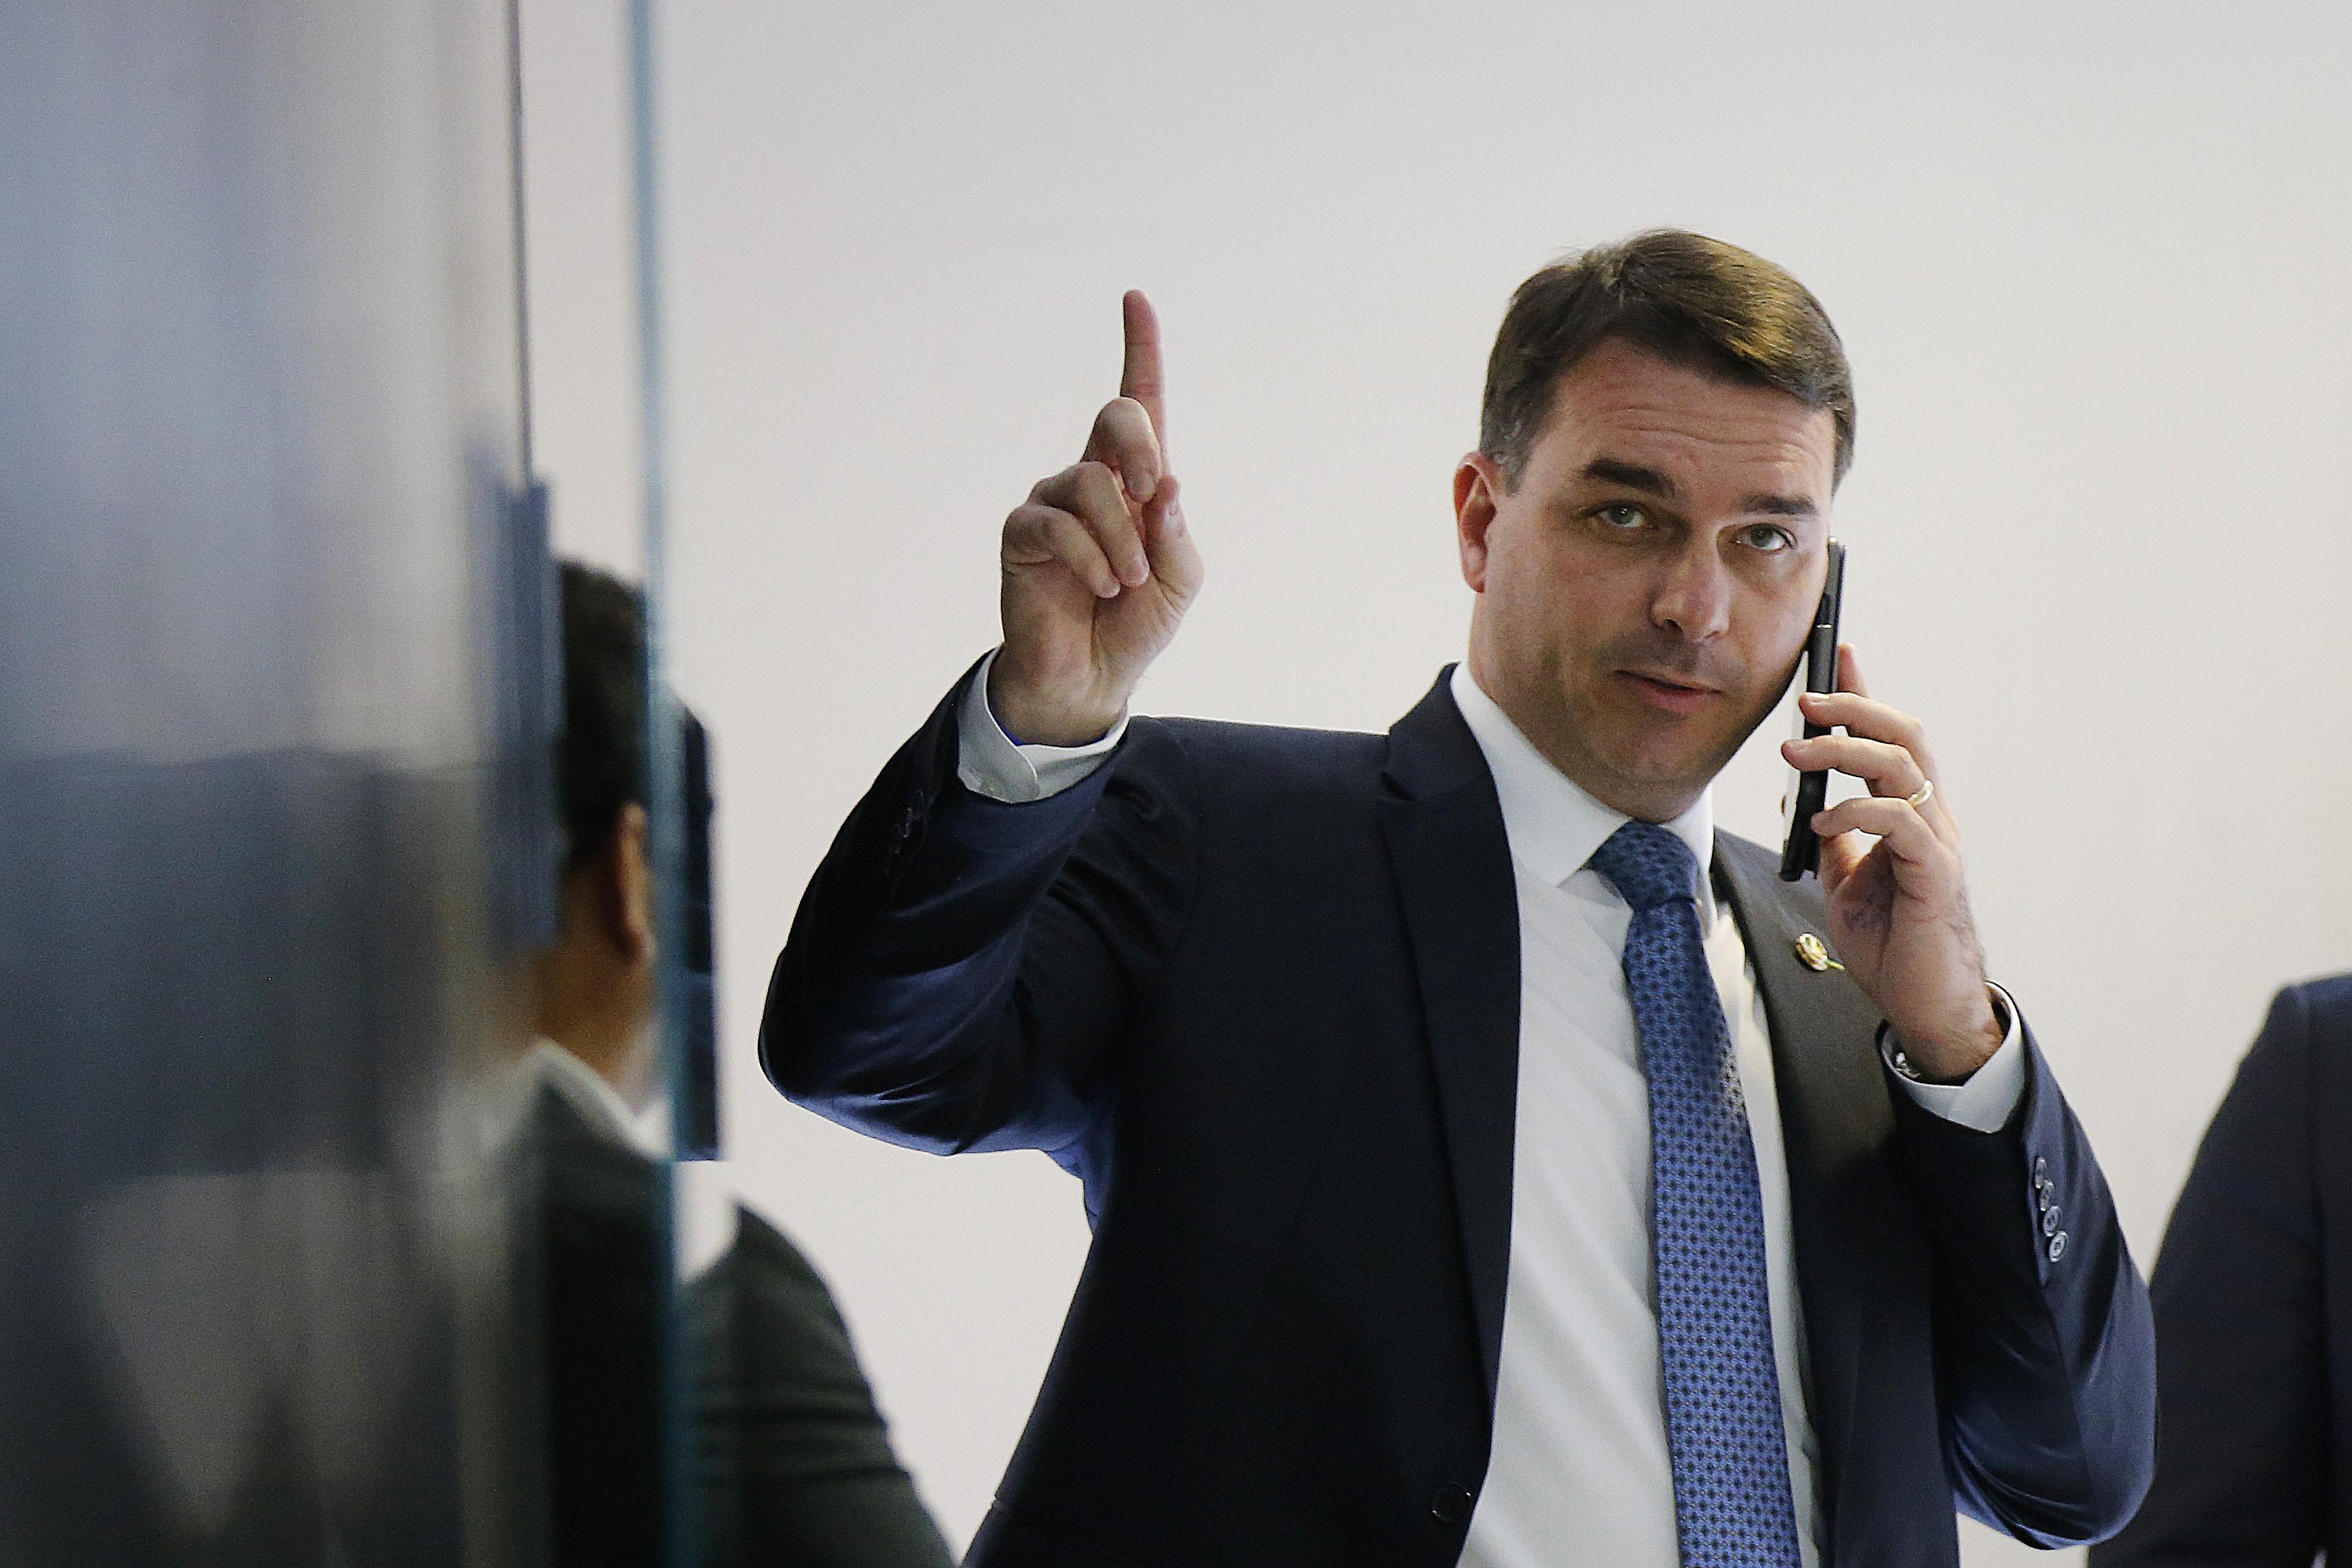 IMAGEM: Justiça nega quebra de sigilo telefônico de assessores de Flávio Bolsonaro